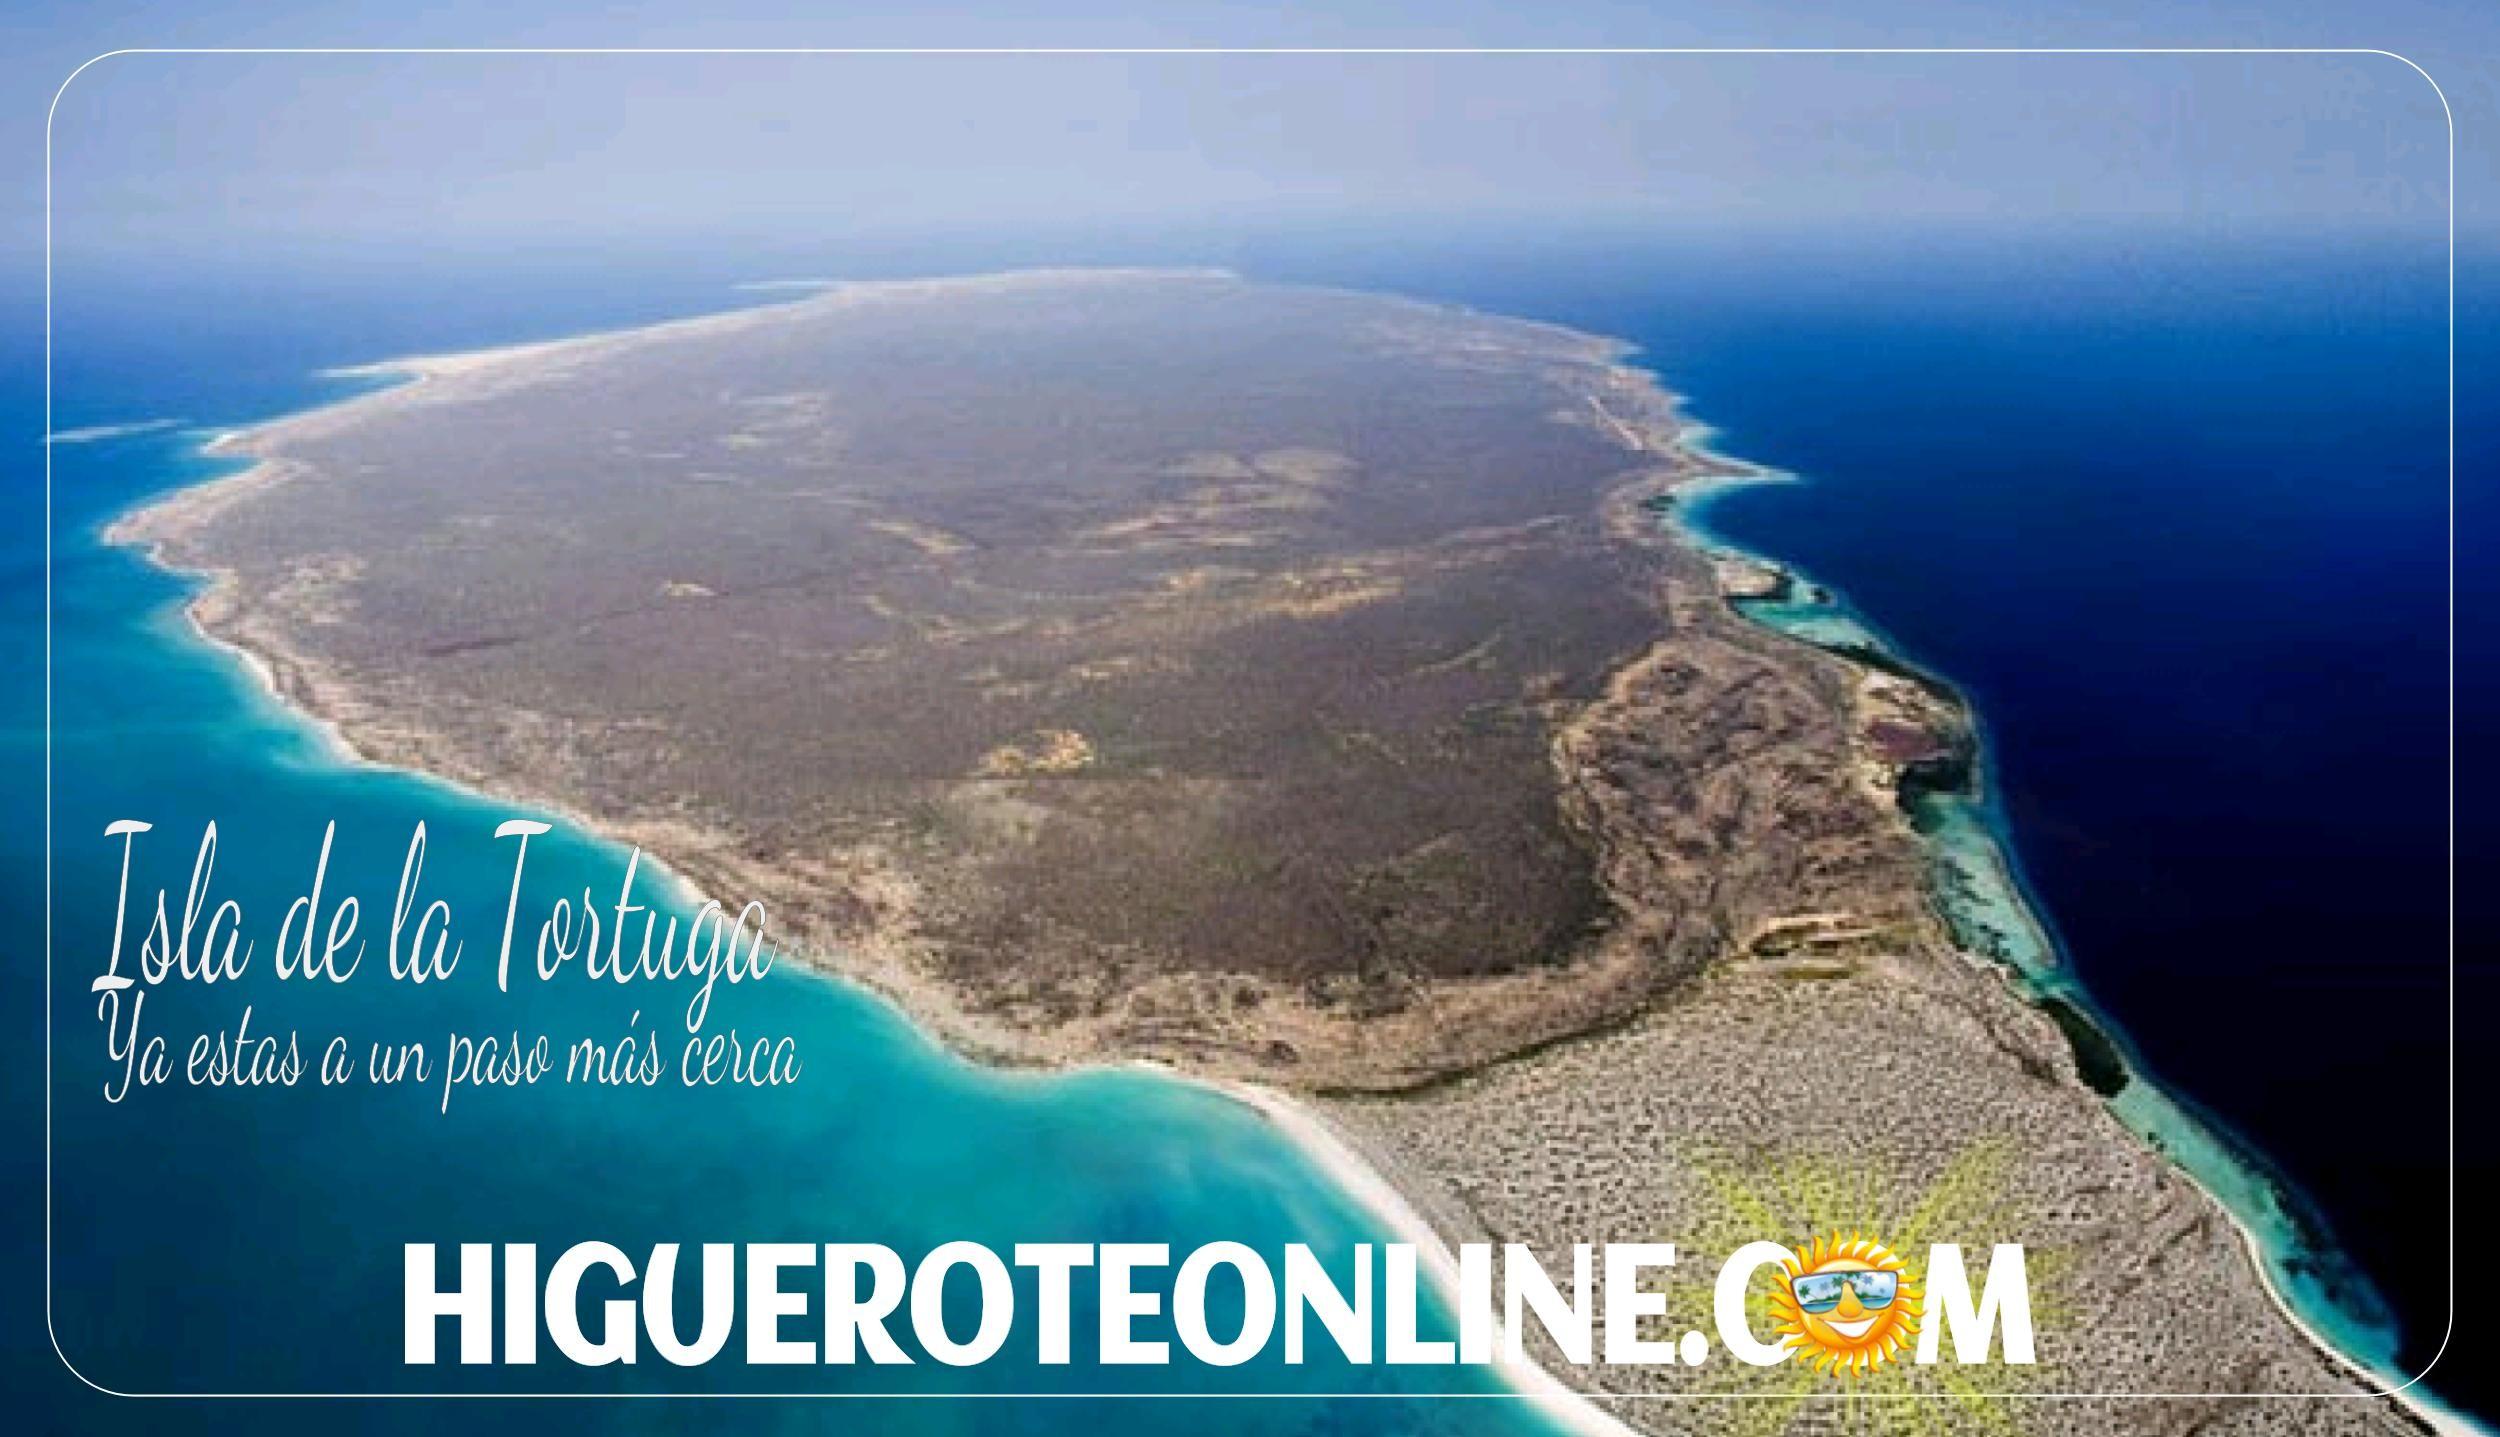 Paquete más económico para Viajar a la Isla de la Tortuga